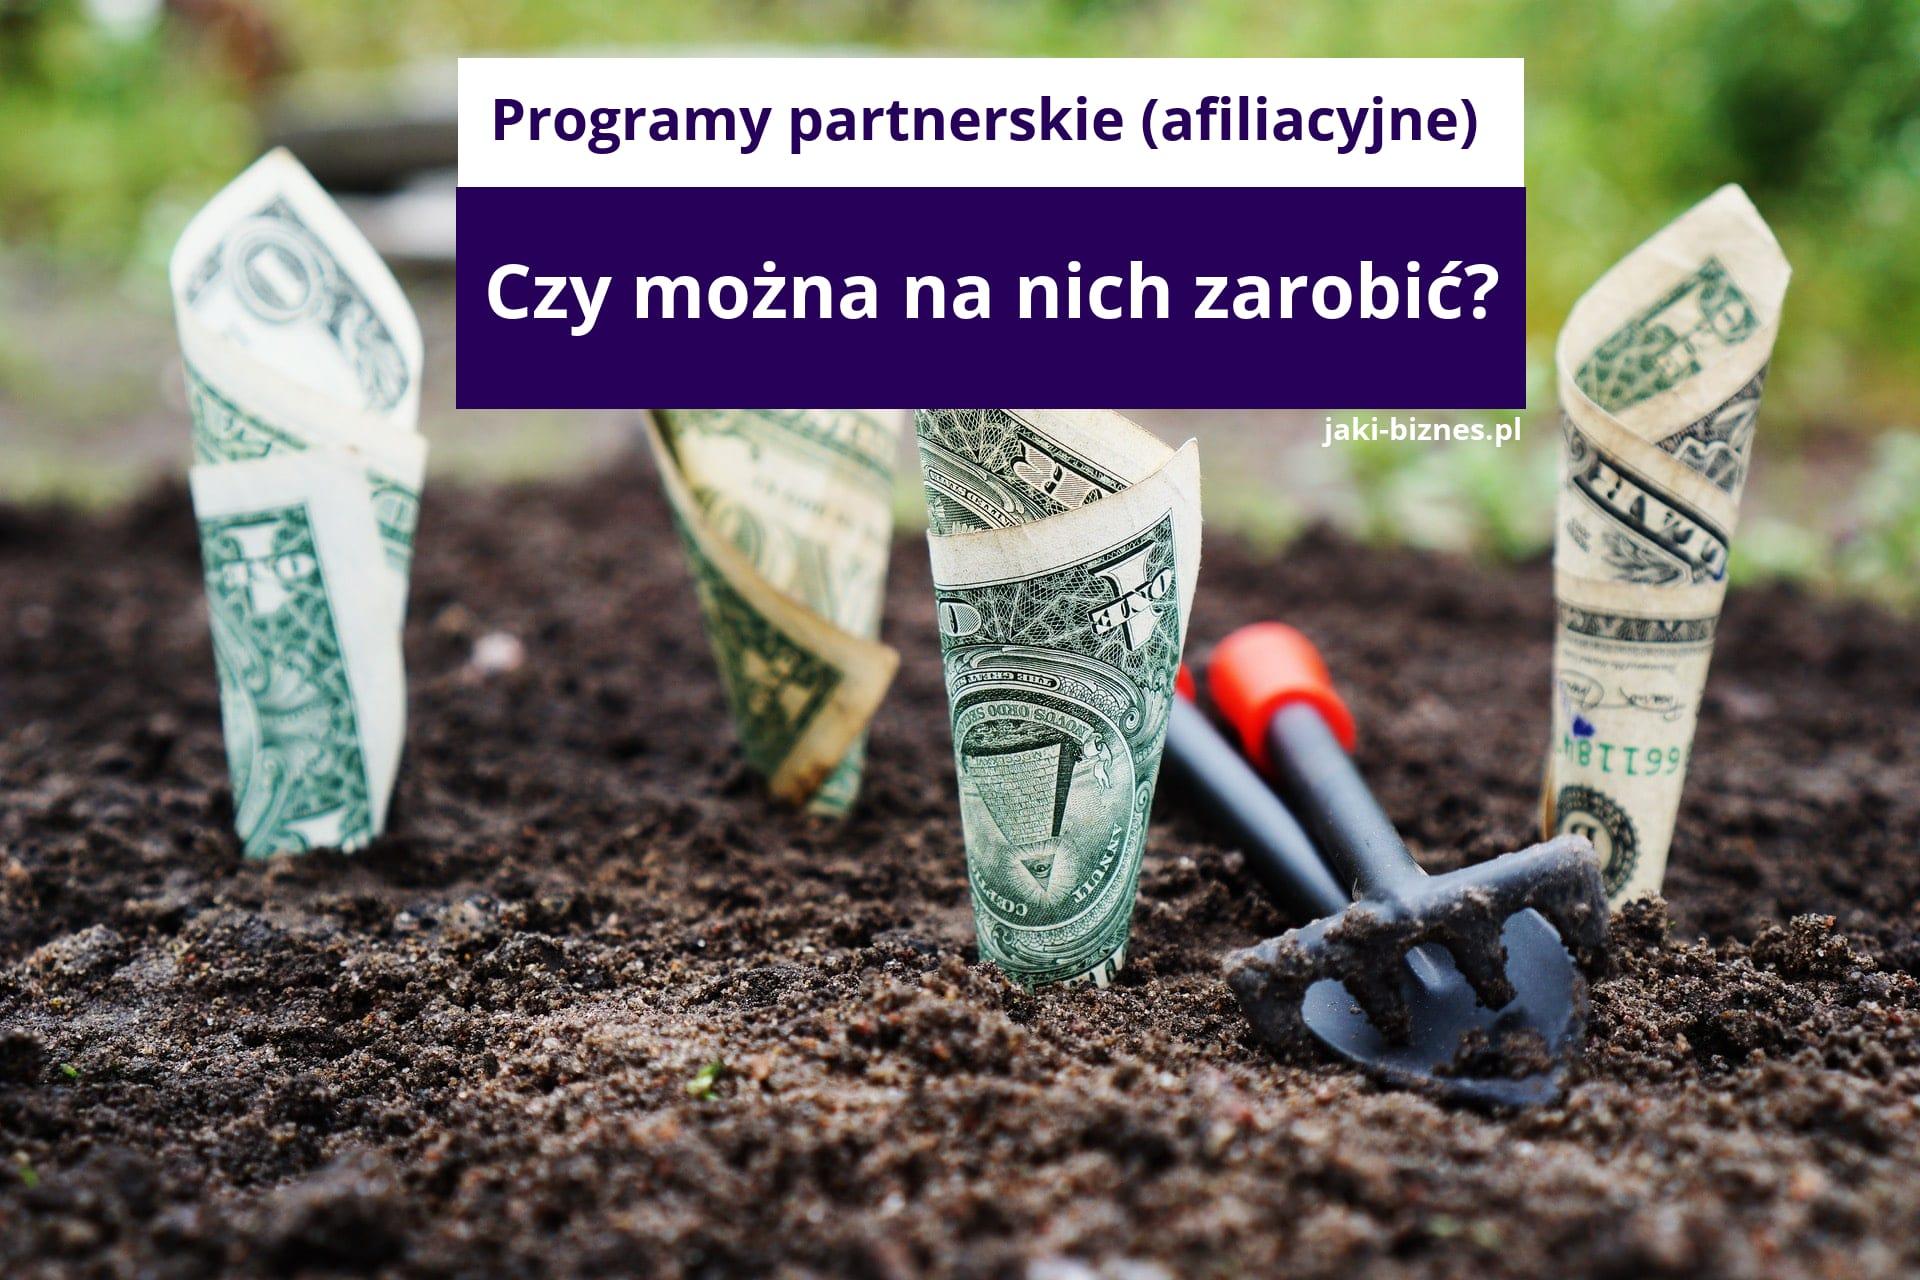 zarobki programy partnerskie